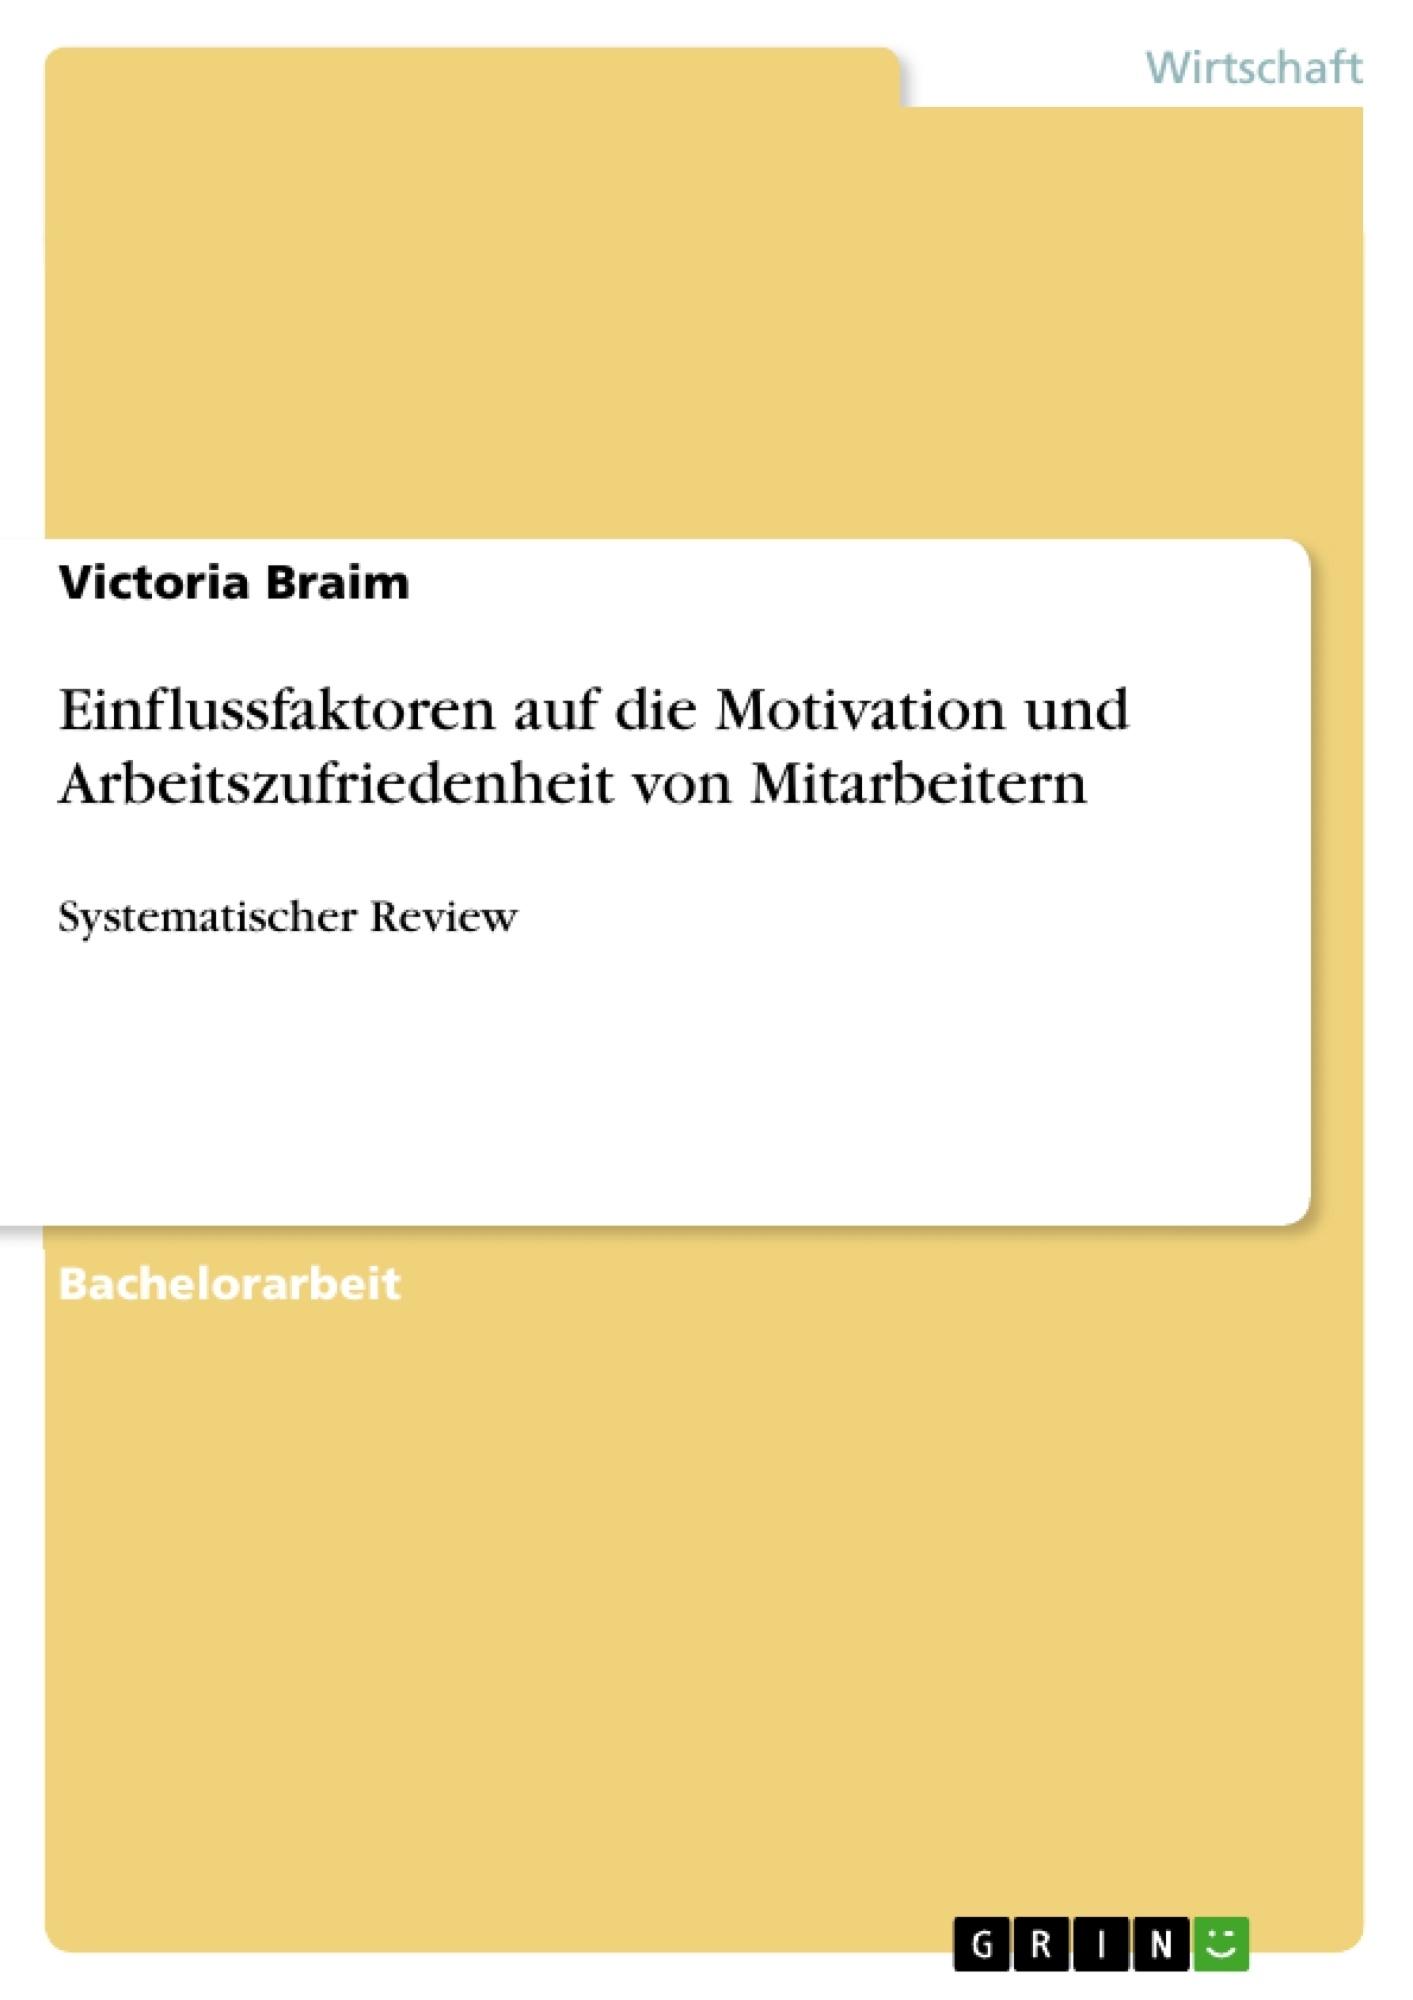 Titel: Einflussfaktoren auf die Motivation und Arbeitszufriedenheit von Mitarbeitern